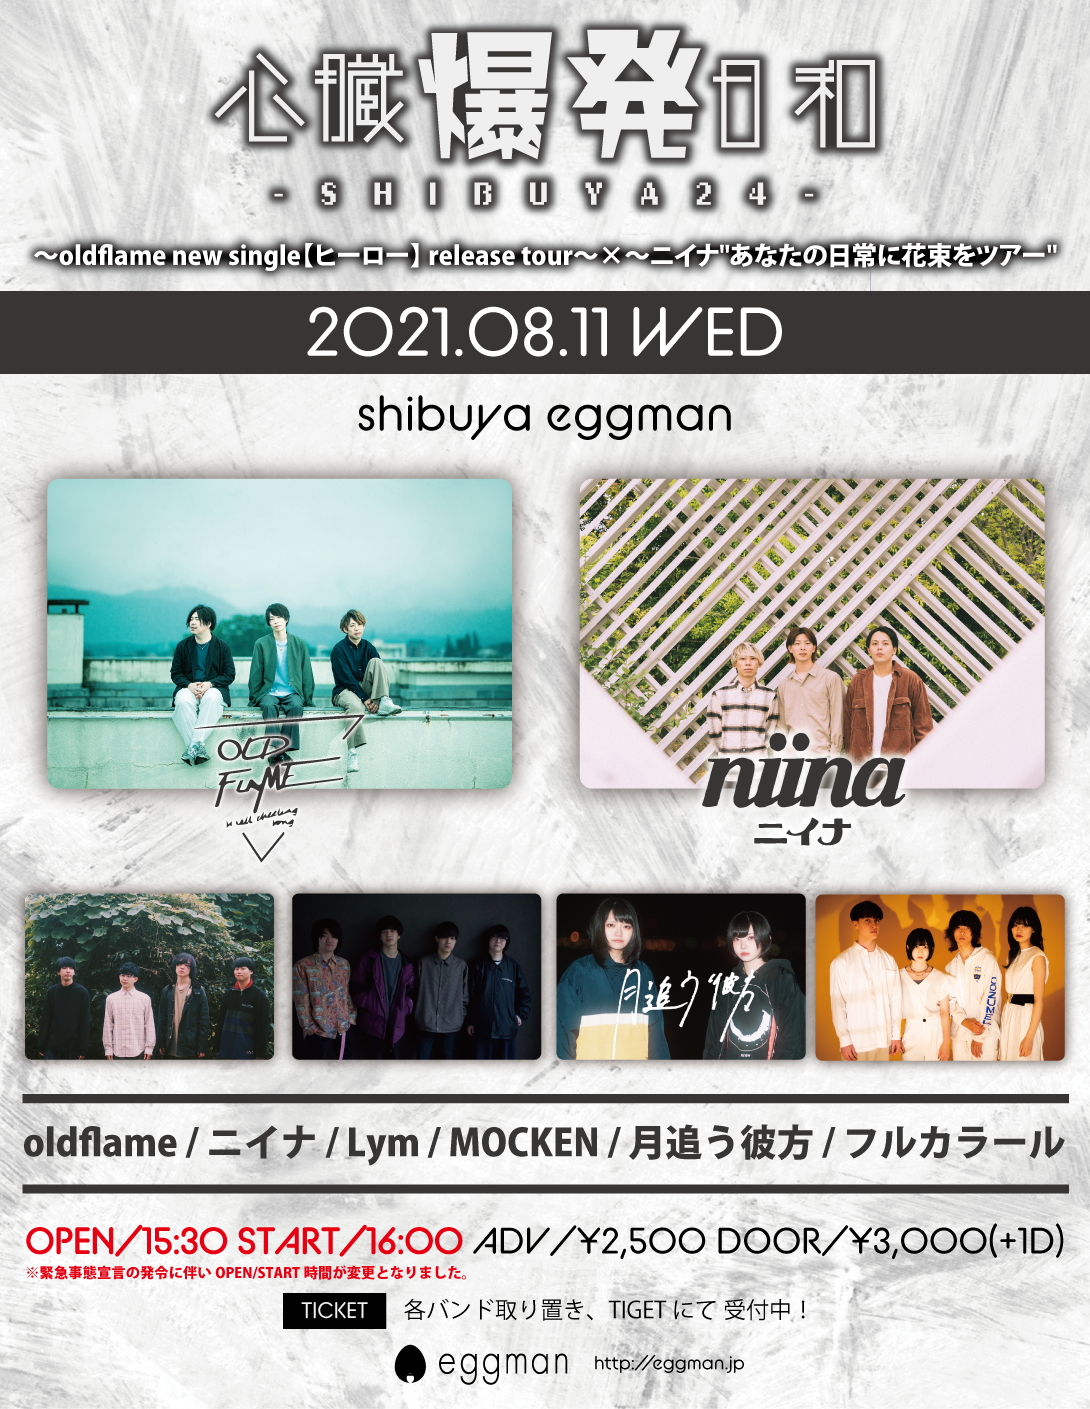 """心臓爆発日和-SHIBUYA24- 〜oldflame new single【ヒーロー】 release tour〜×〜ニイナ""""あなたの日常に花束をツアー"""""""